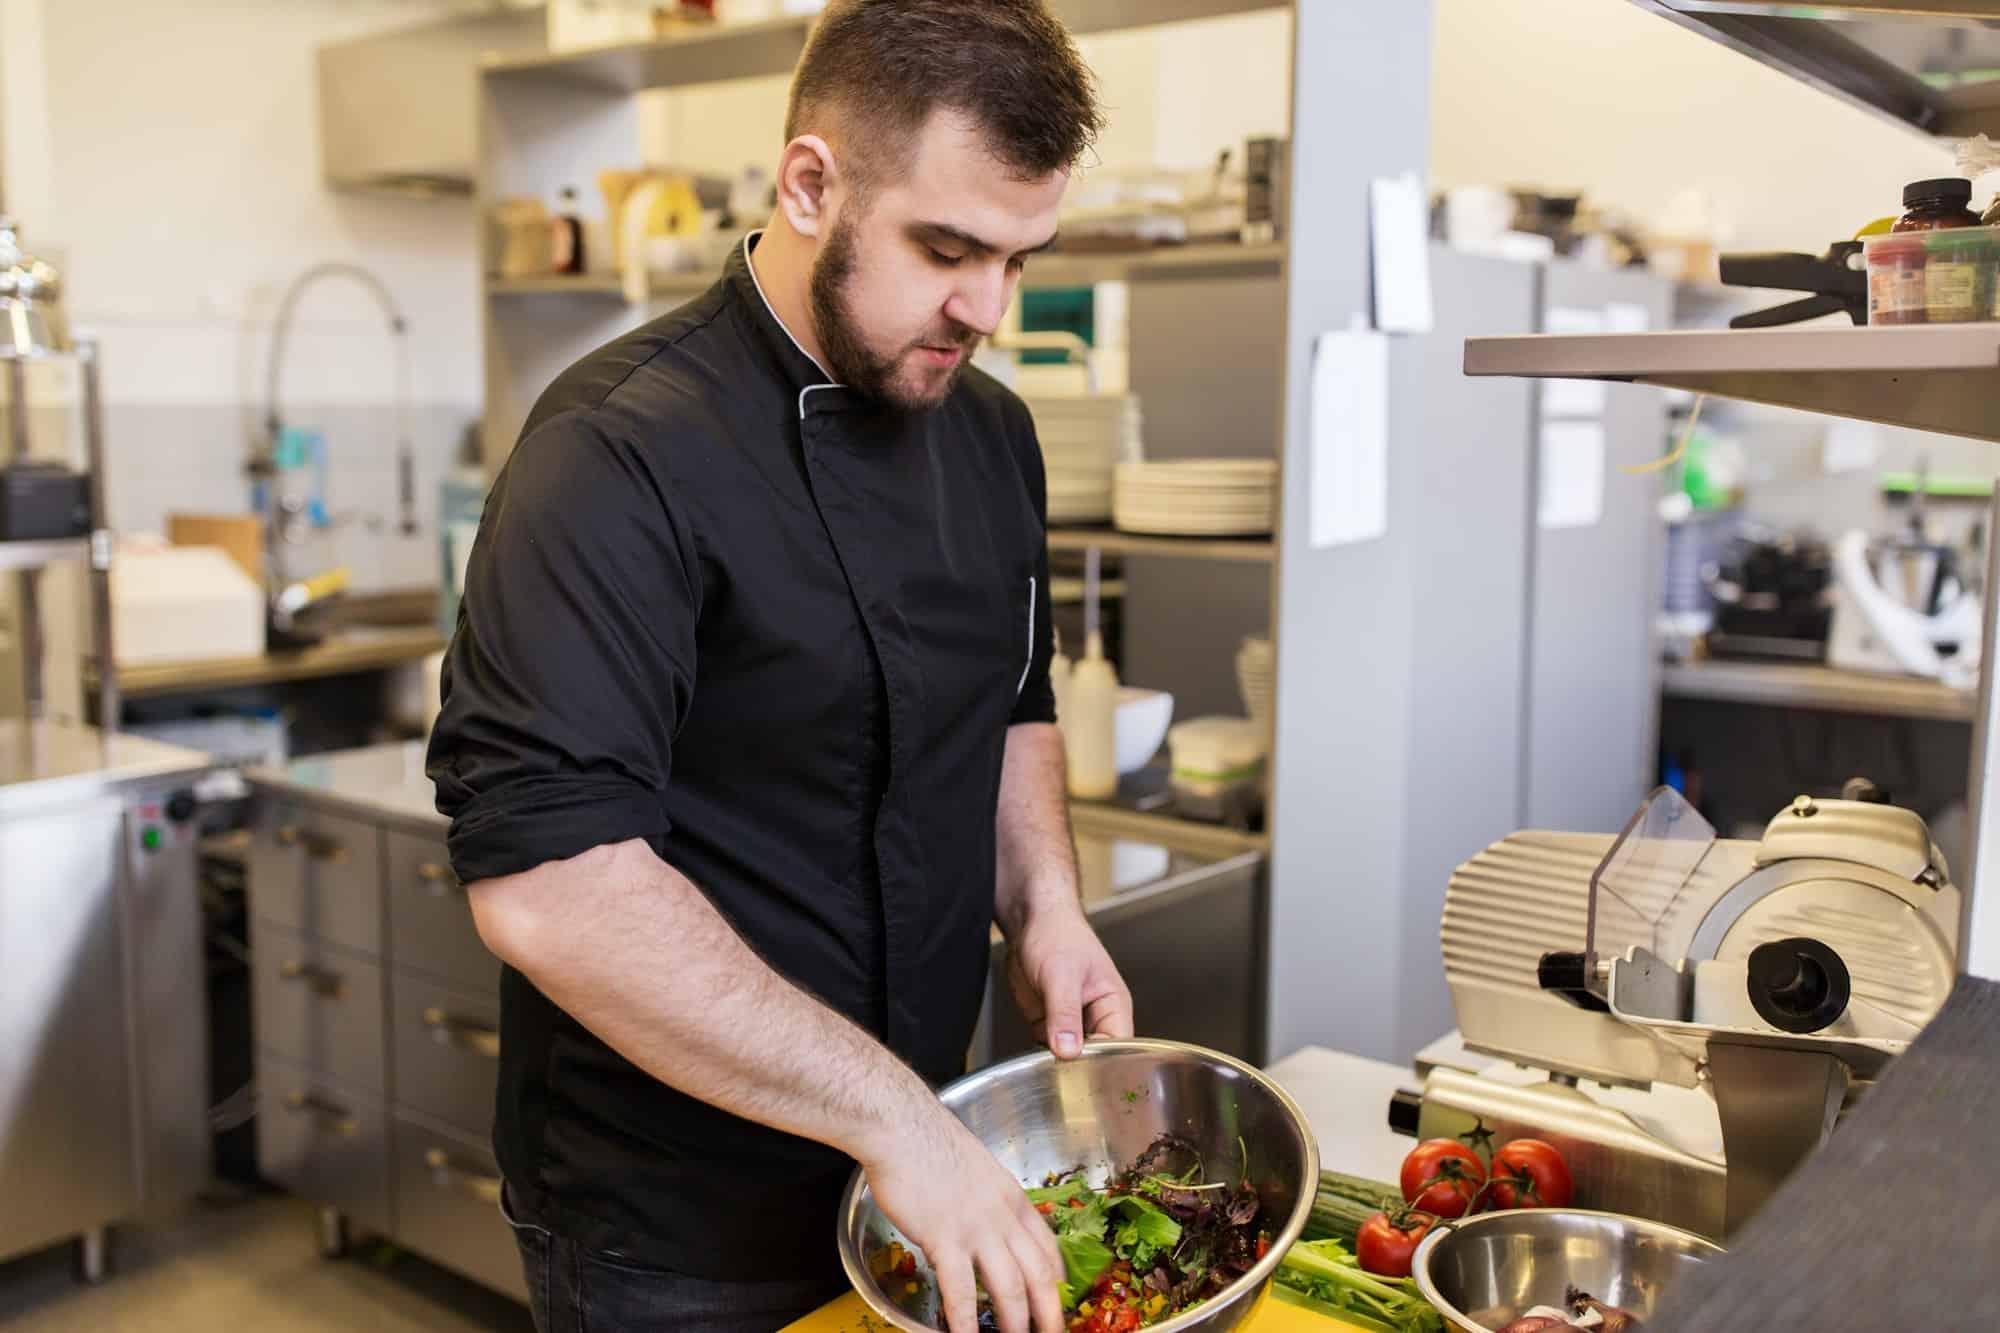 chef-cook-making-food-at-restaurant-kitchen.jpg